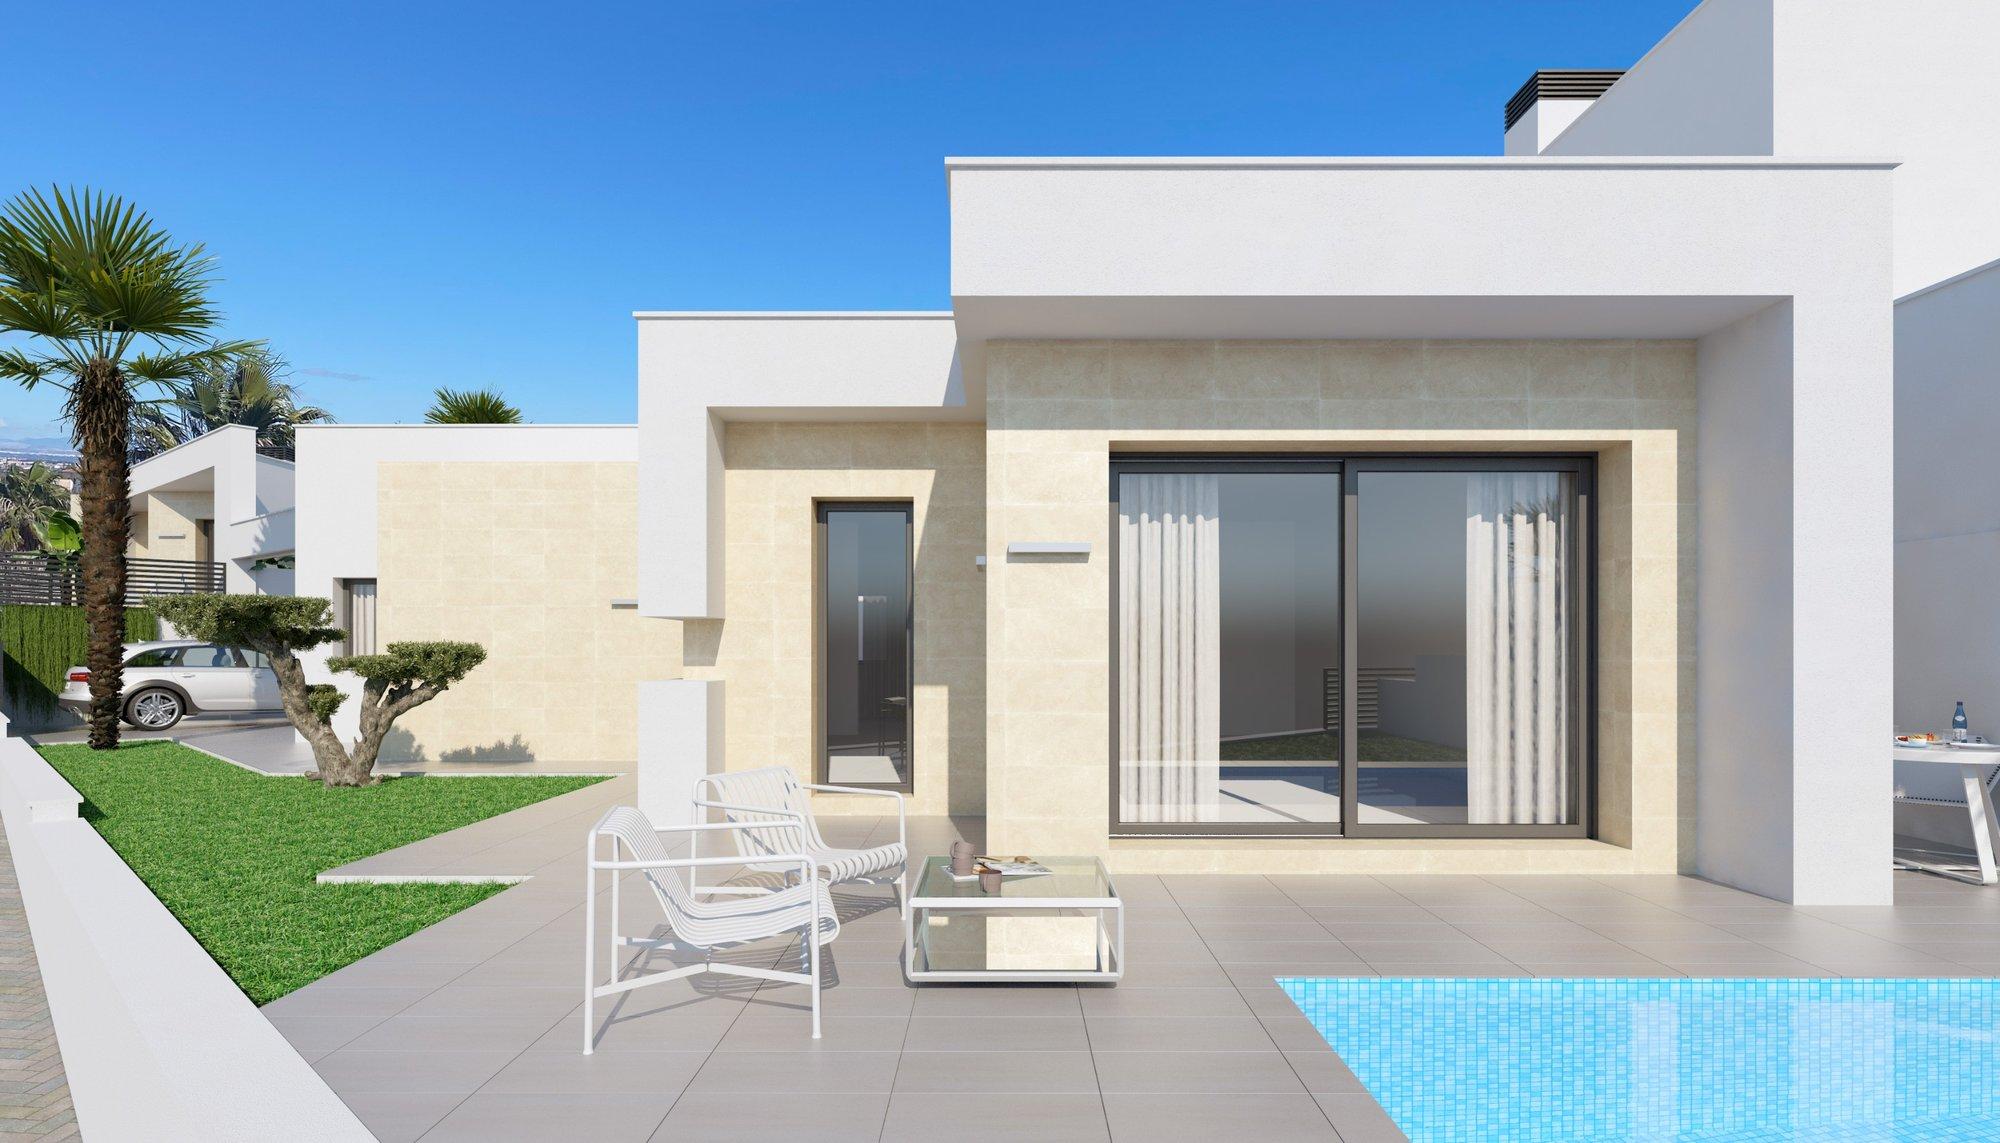 Villa for sale in Bigastro